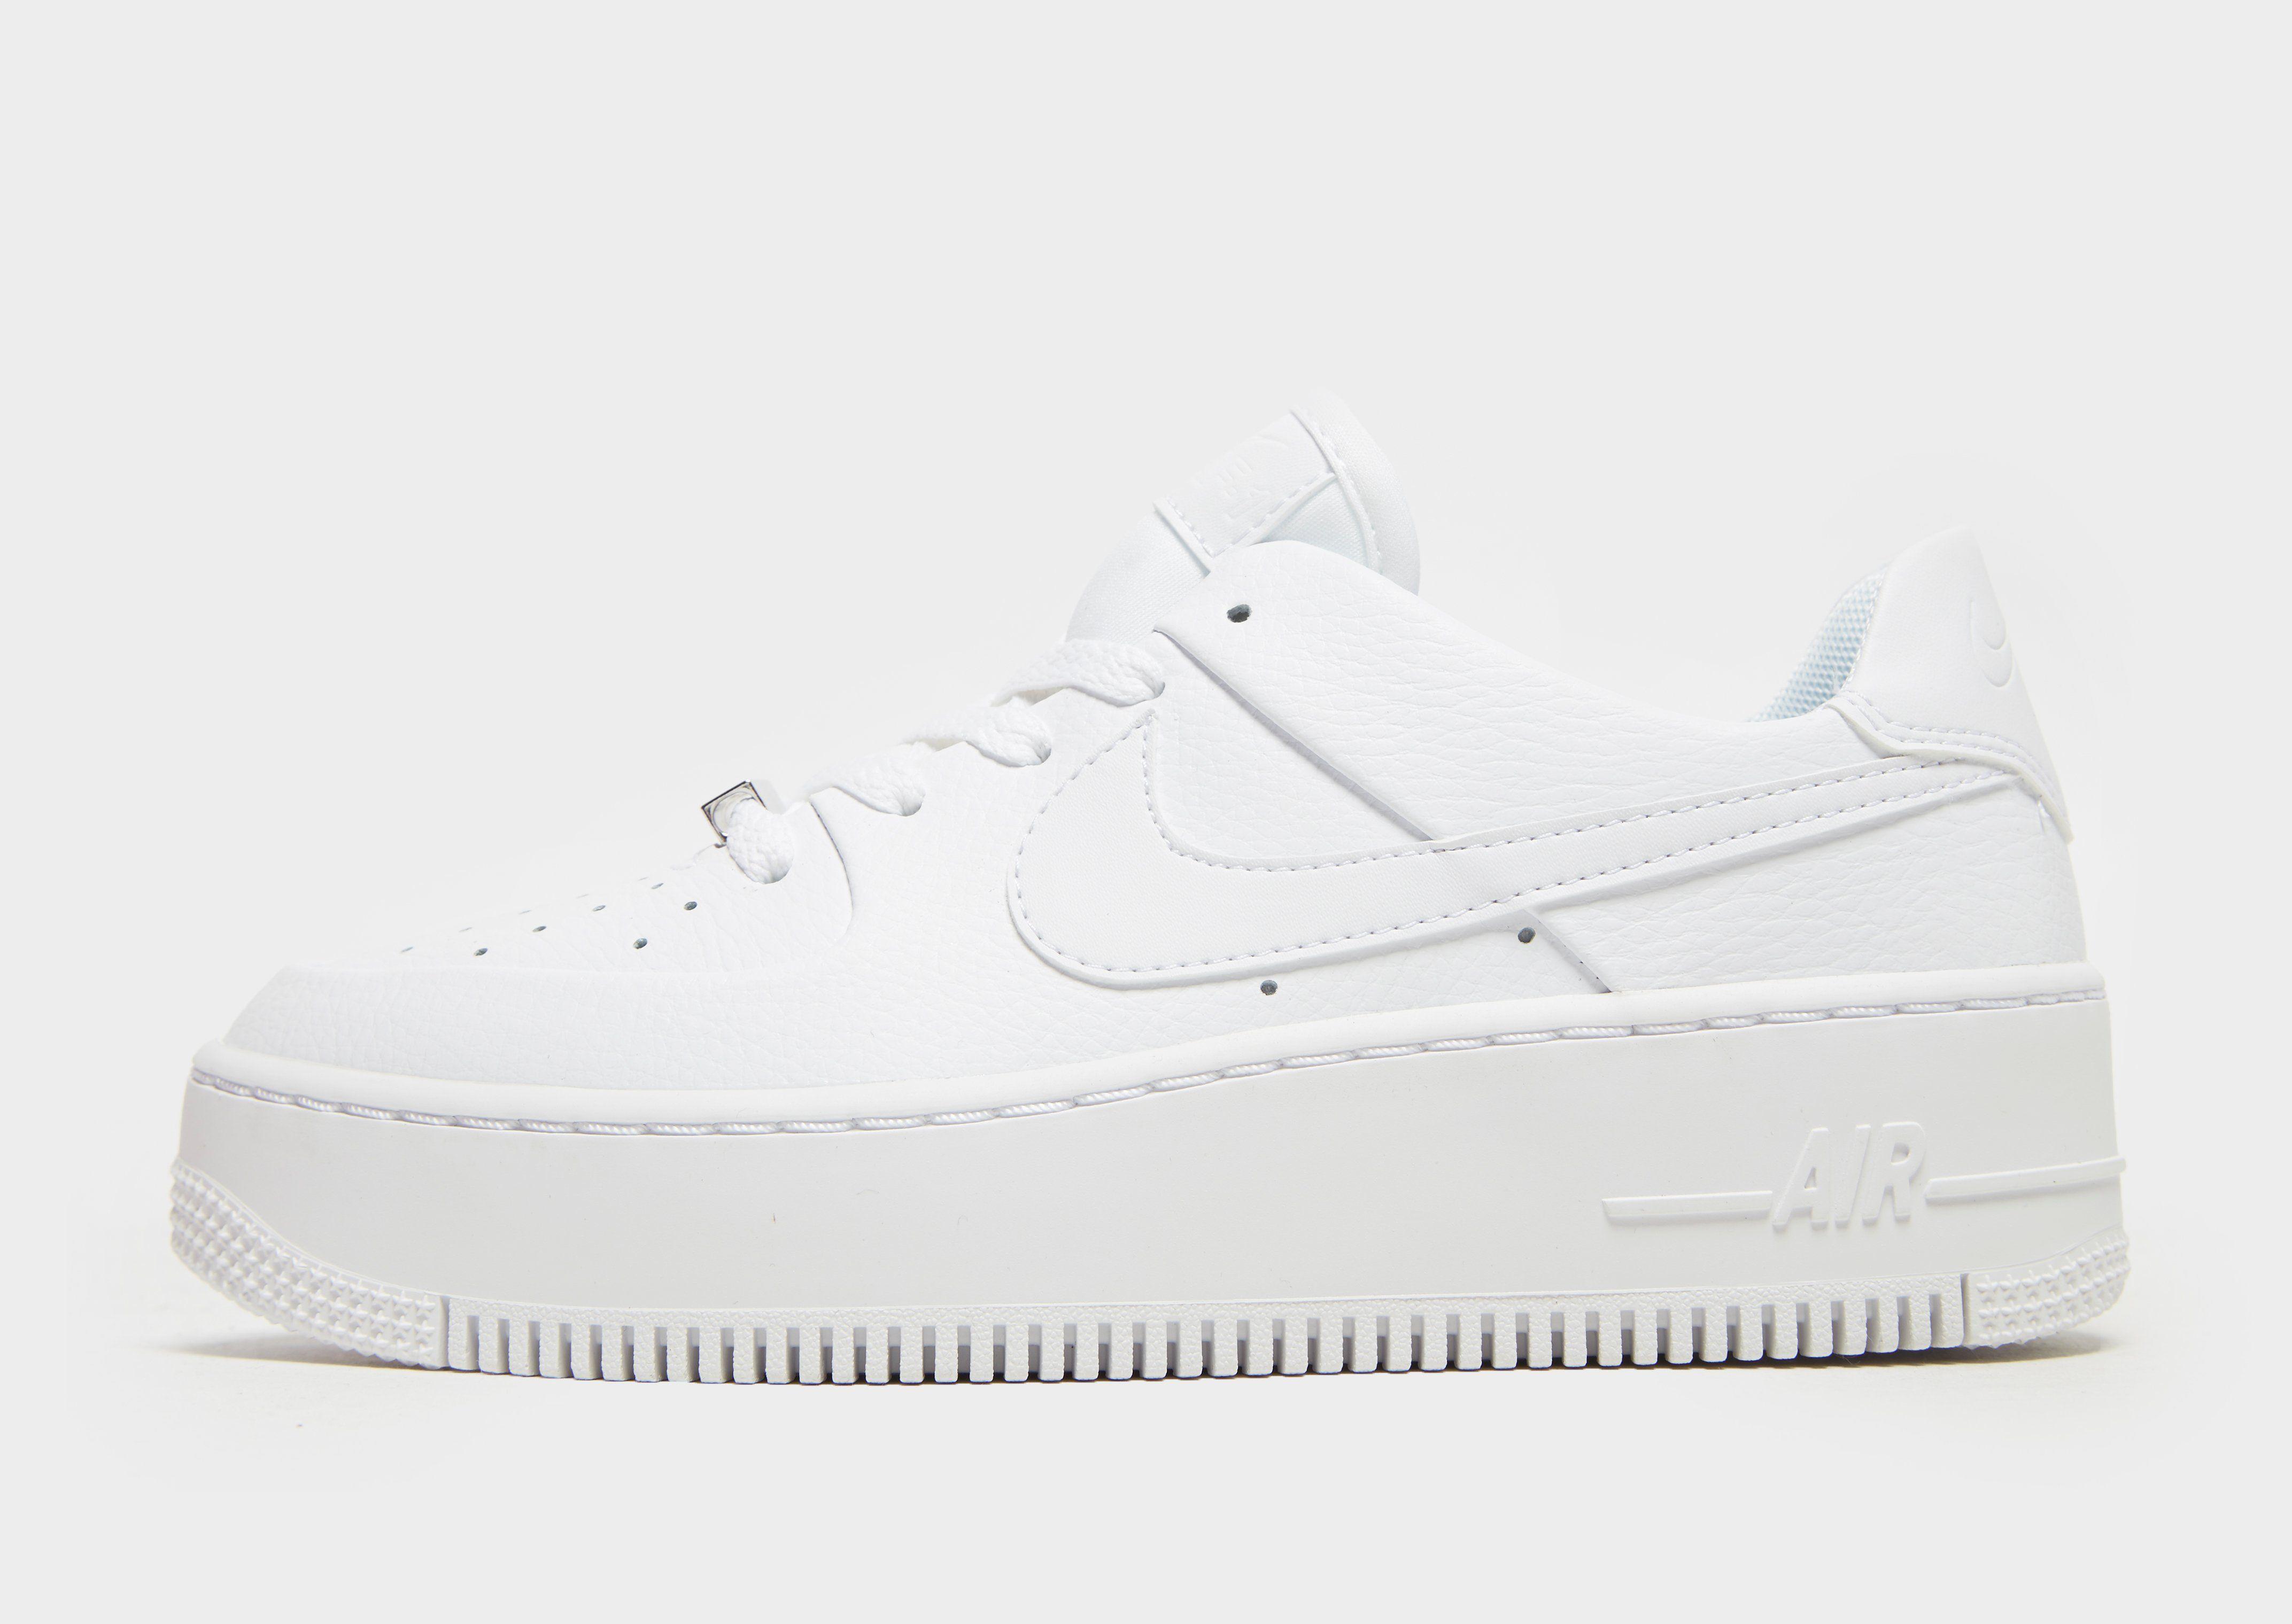 Nike Air Force 1 Sage Low DamenOnline-Shoppen für Nike Air ...